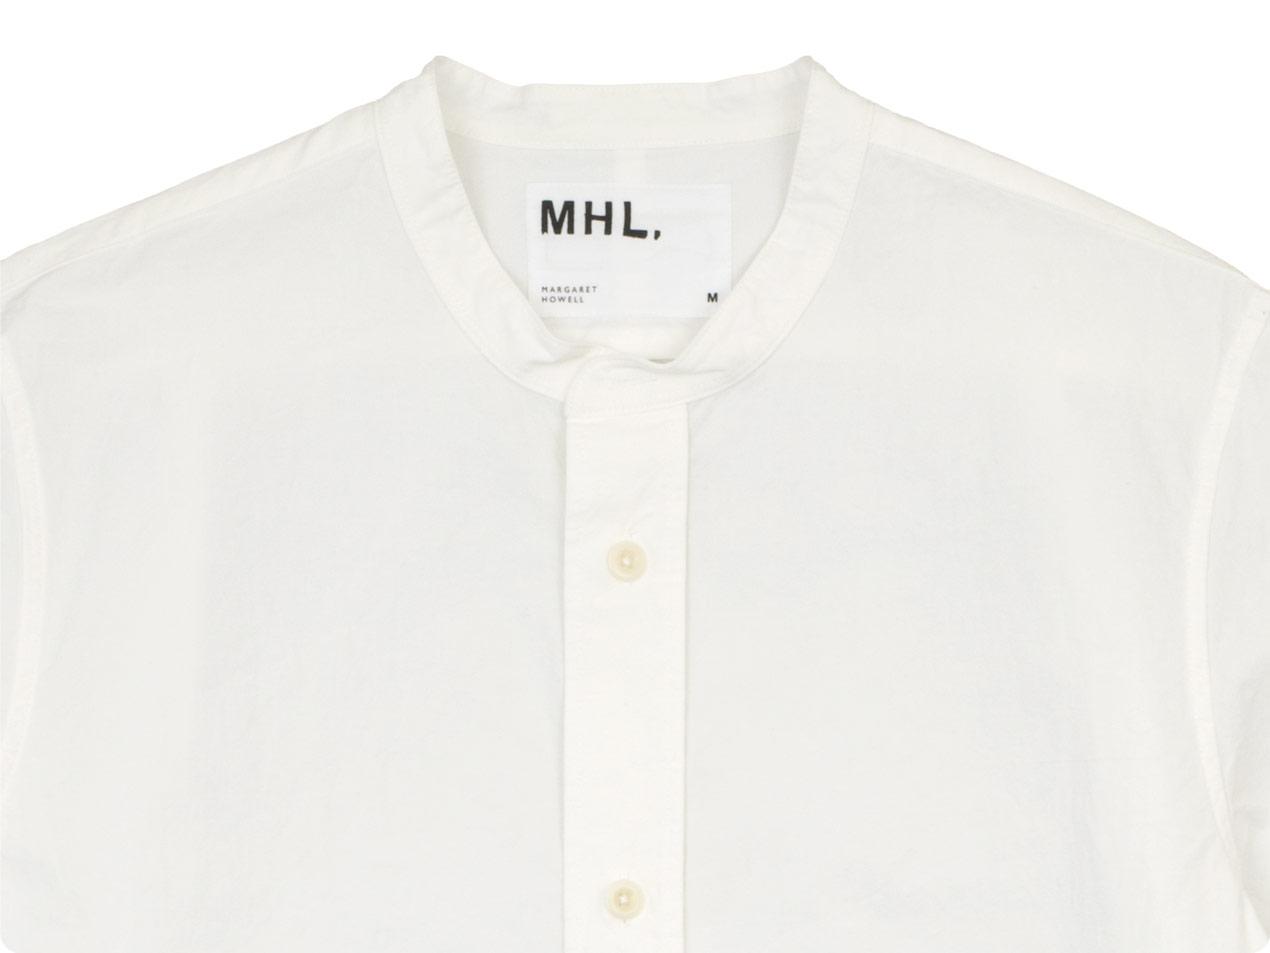 MHL. COTTON LINEN PLAIN WEAVE SHIRTS